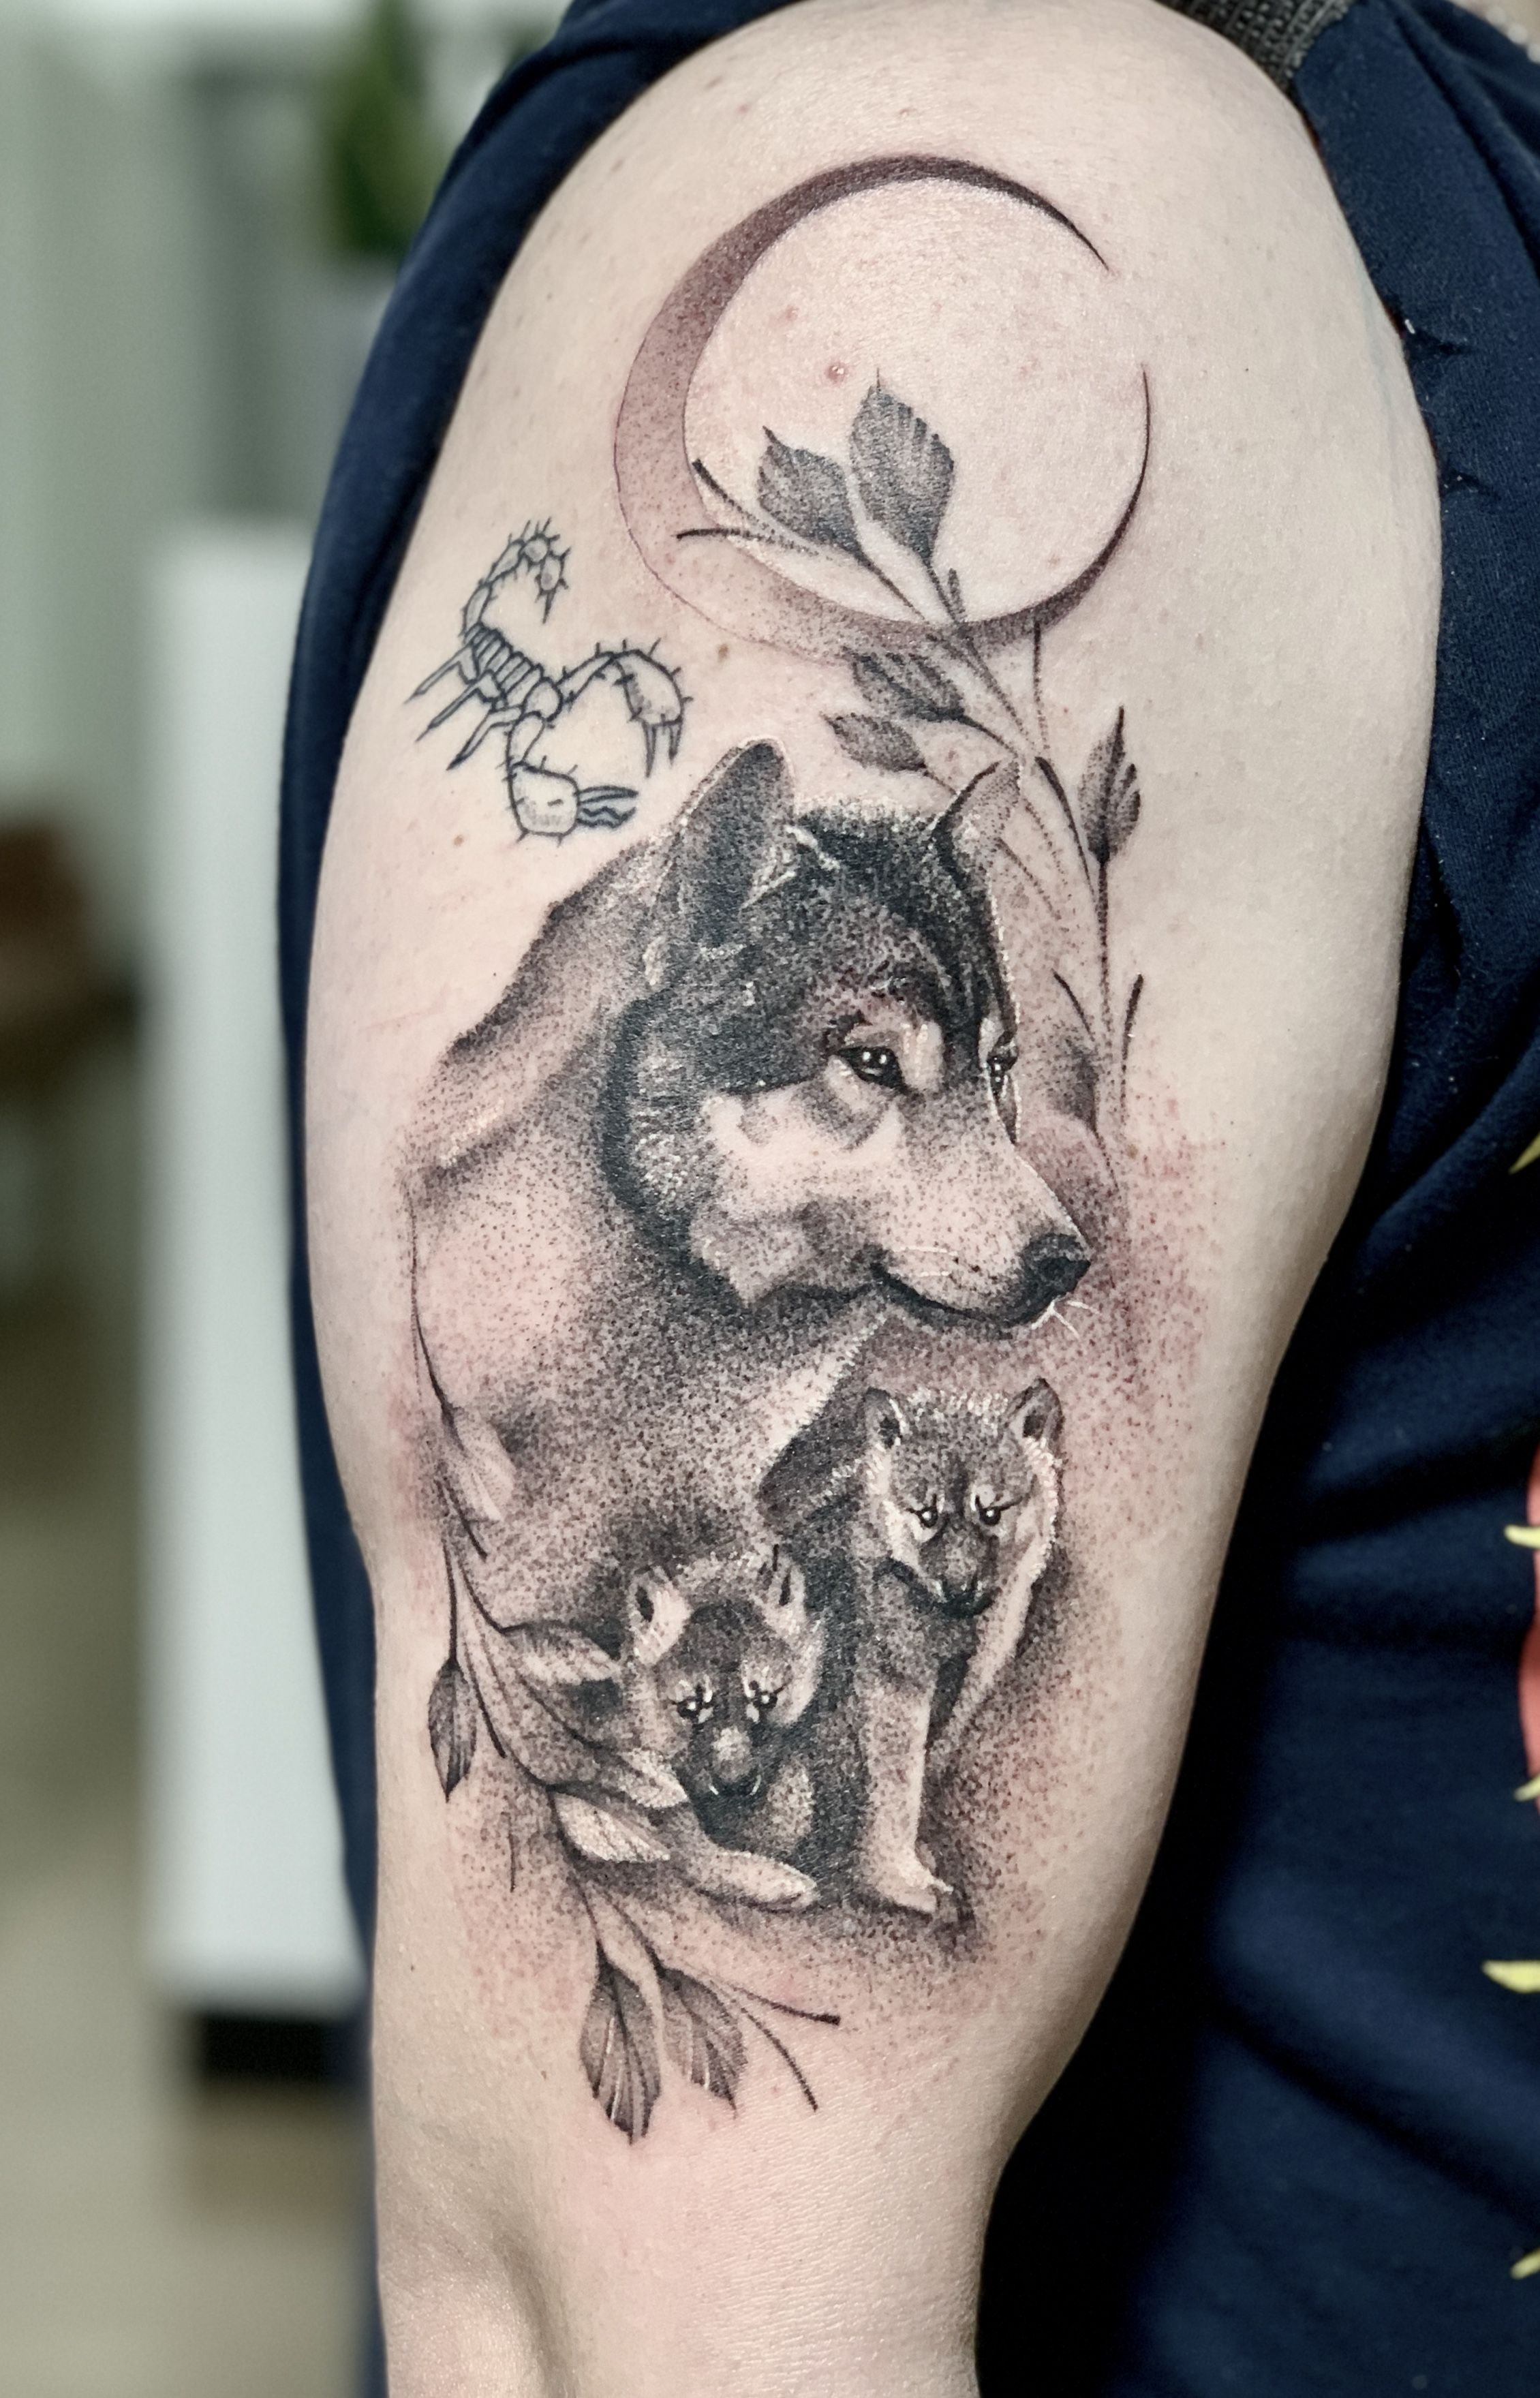 Micro Wolf Tattoo In 2020 Tattoos Black And Grey Tattoos Realism Tattoo